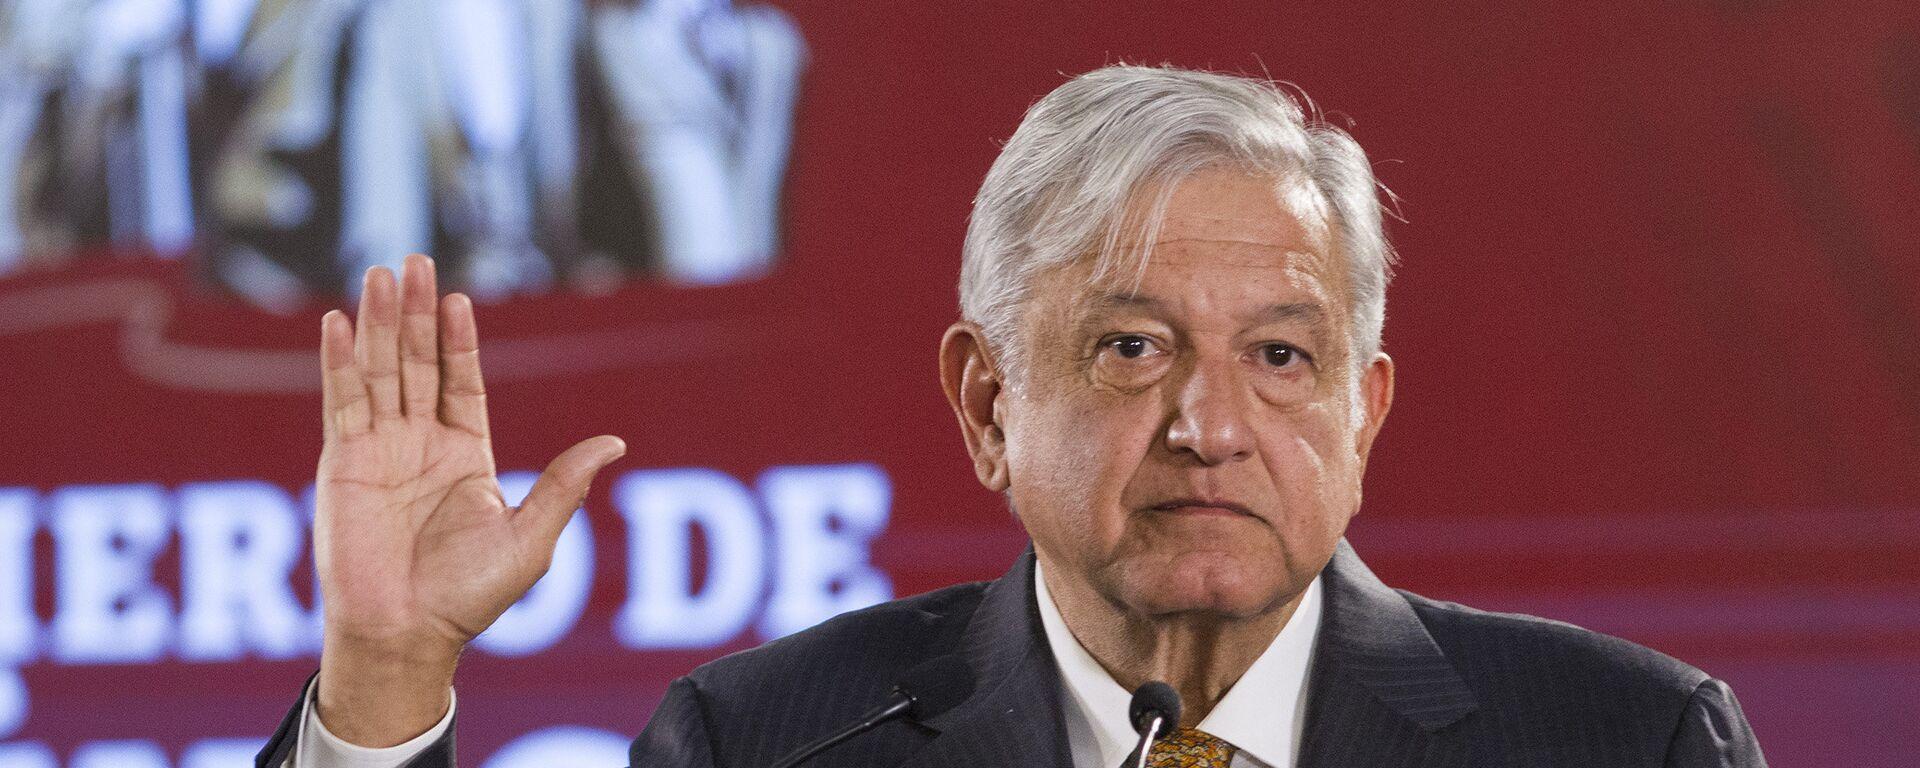 Andrés Manuel López Obrador, presidente de México  - Sputnik Mundo, 1920, 20.08.2021